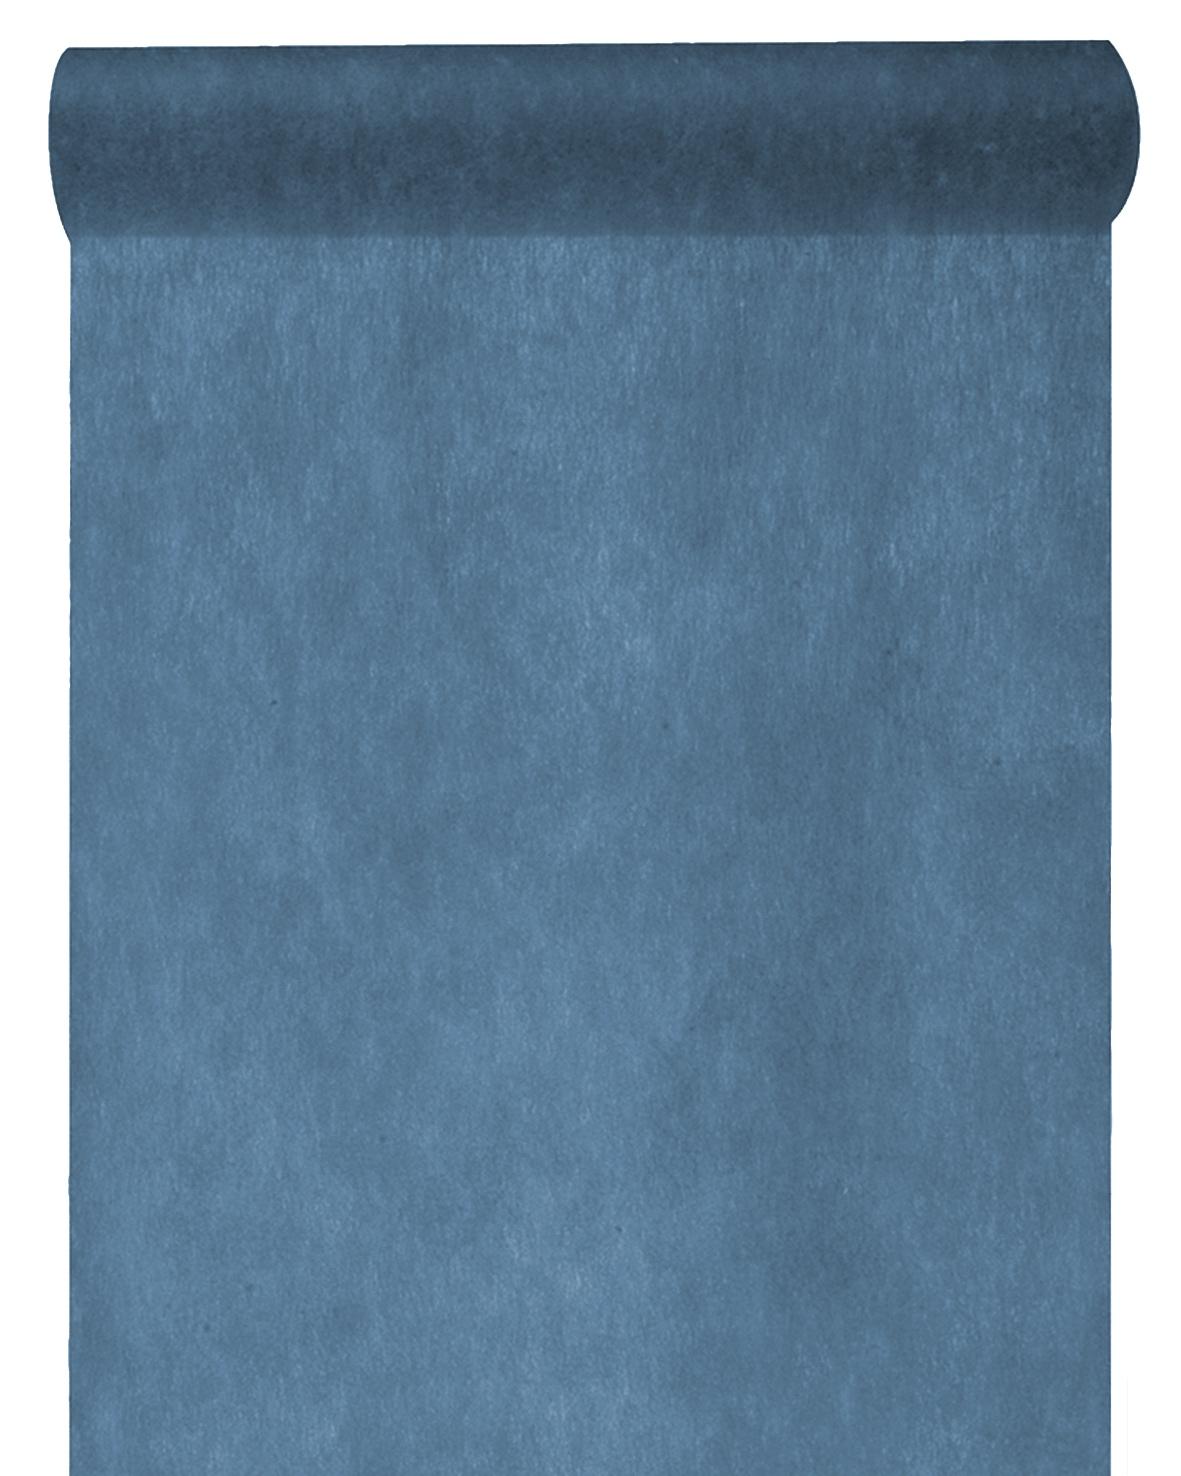 10m Tischläufer Vlies Blau Dunkelblau Tischband Tischdeko Kommunion Konfirmation Deko